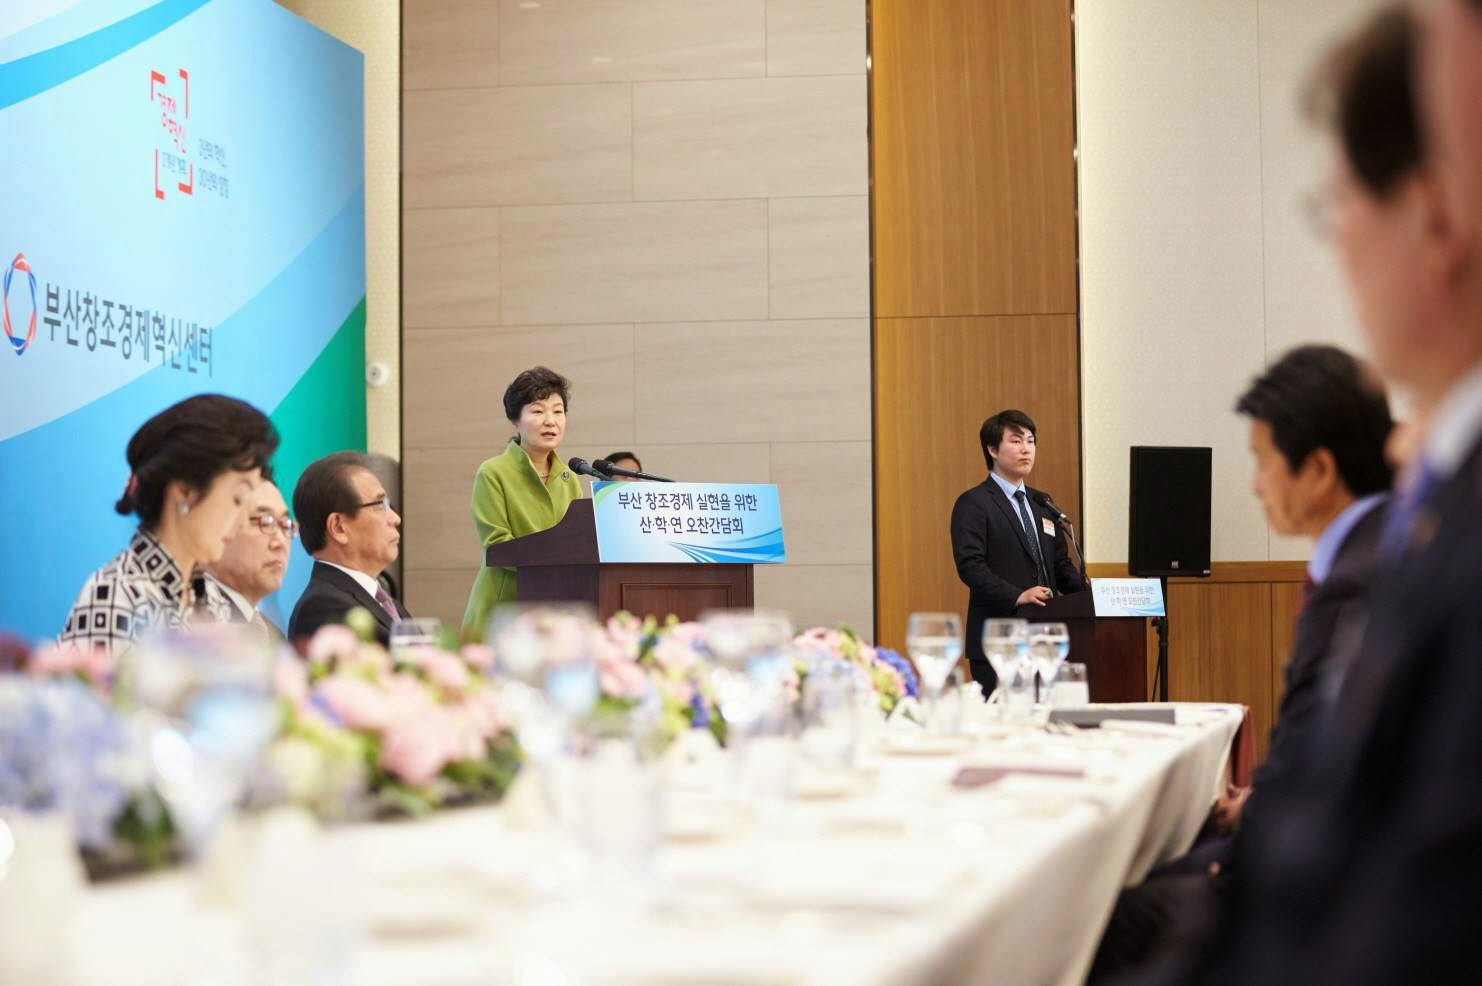 Hàn Quốc đã làm gì để phát triển như ngày nay